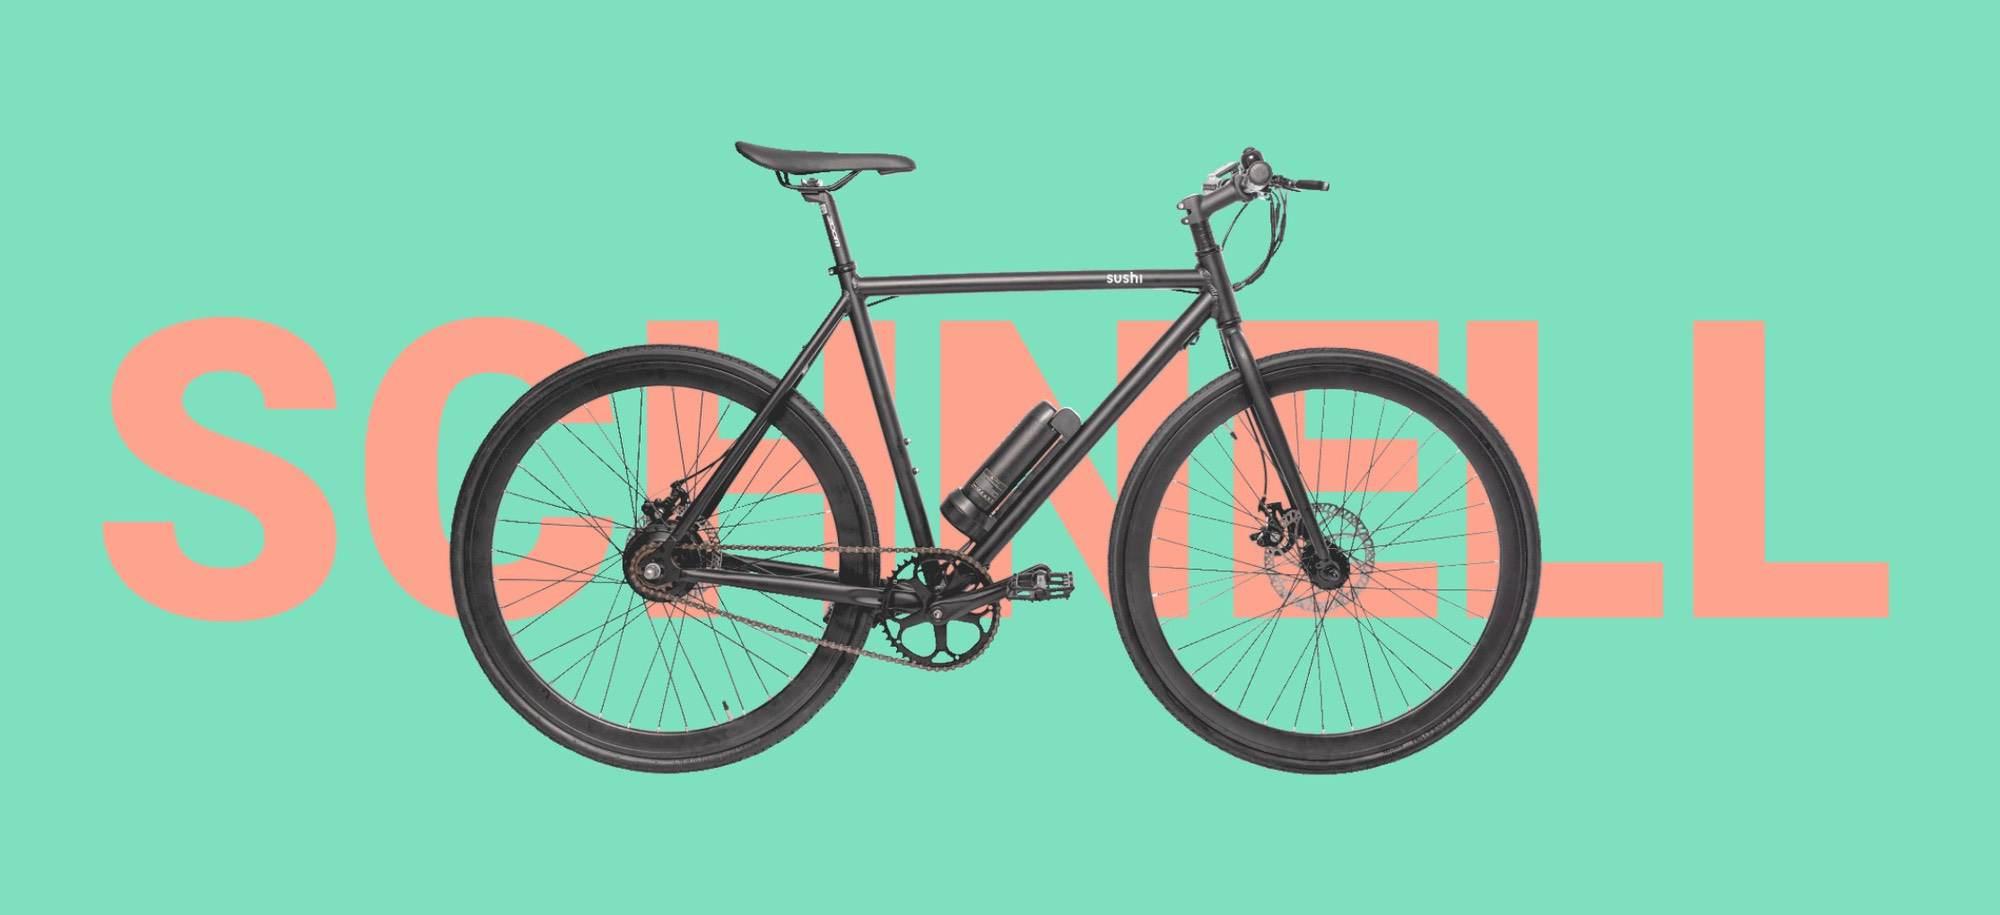 E-Bike Startup Sushi: Joko Winterscheidt macht mobil auf zwei Rädern